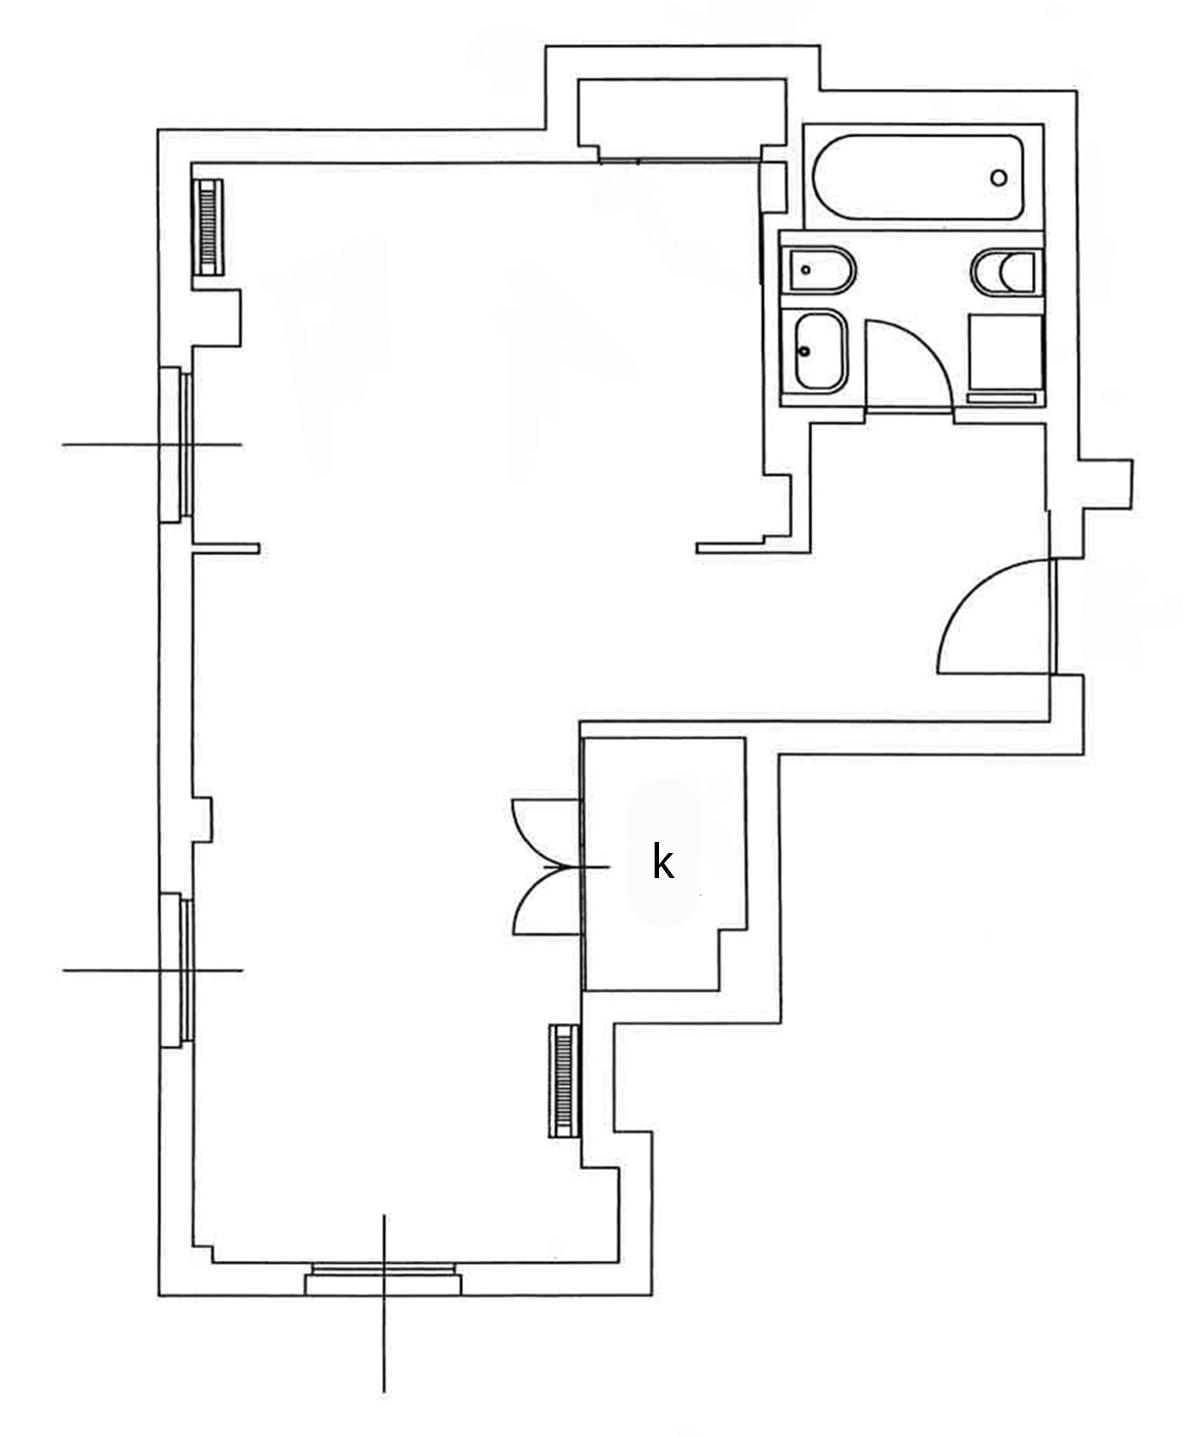 planimetrie/A3bX3XFA3j.jpg